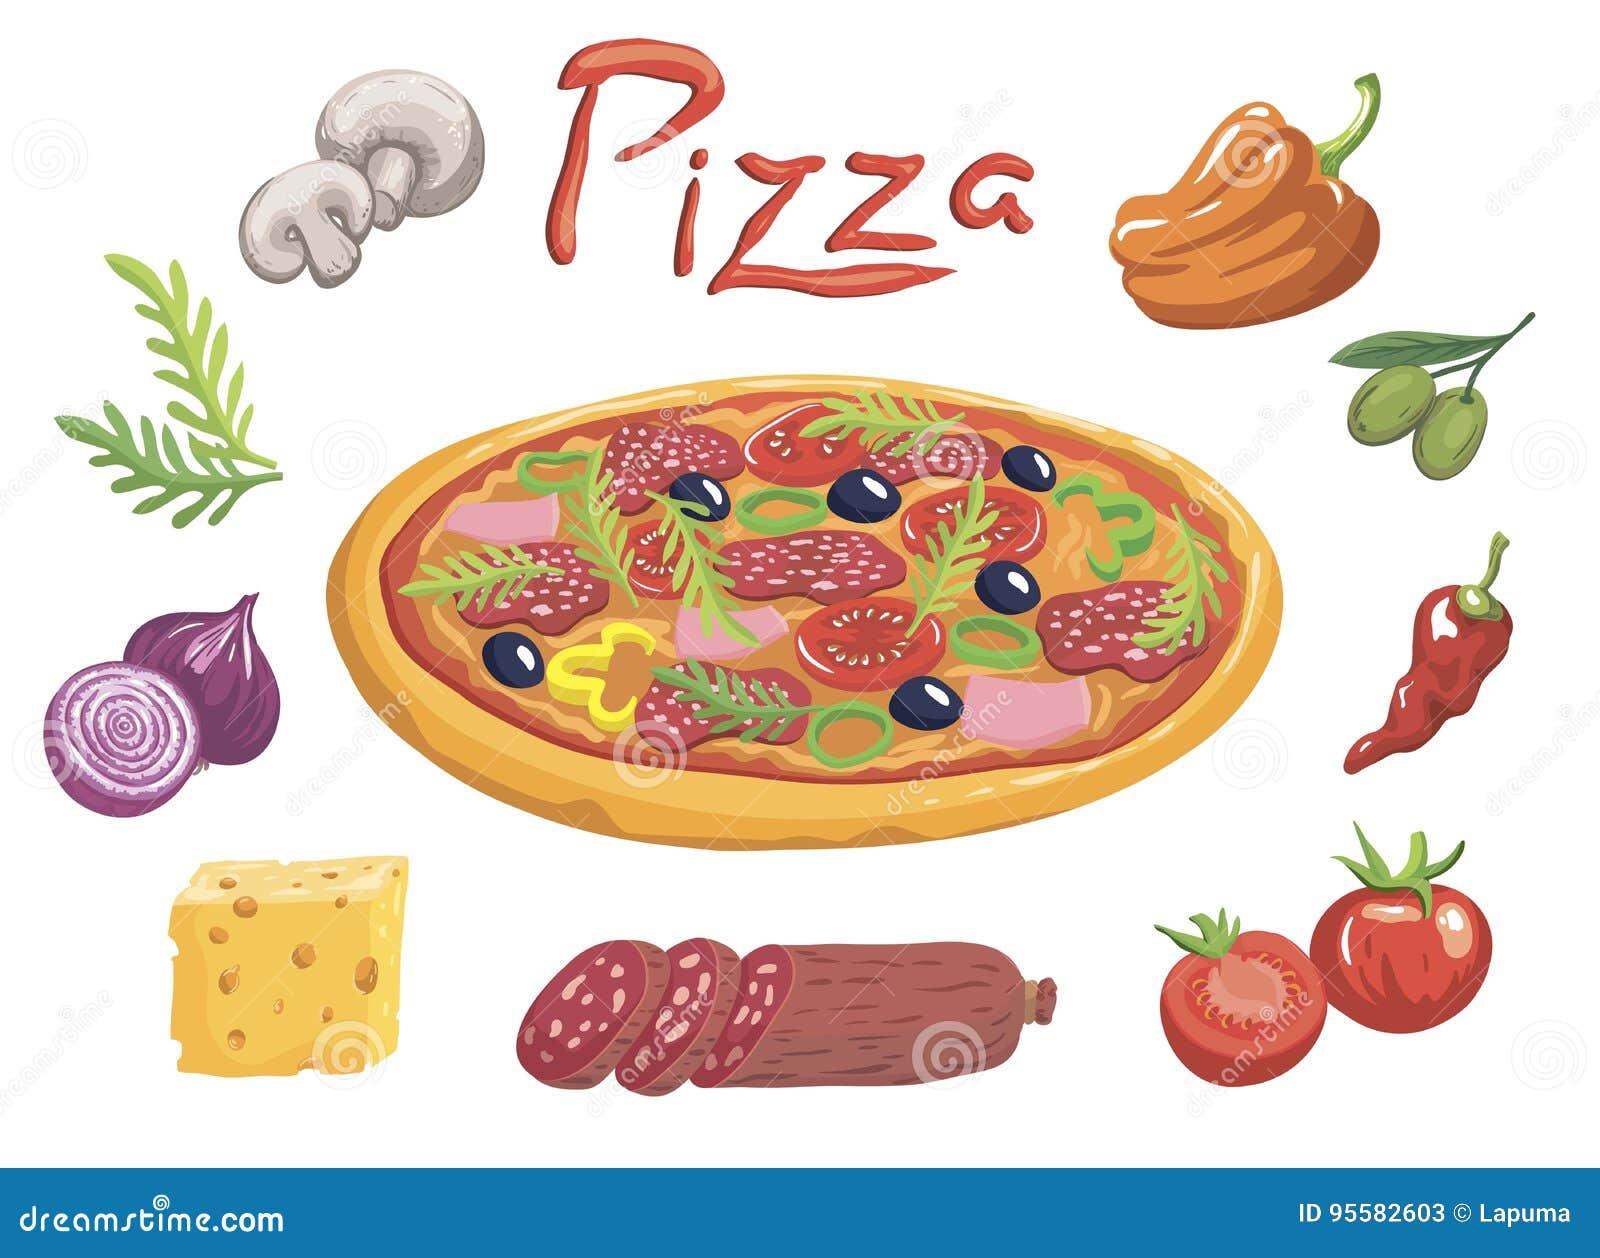 Smakelijke Italiaanse pizza en ingrediënten voor zijn voorbereiding